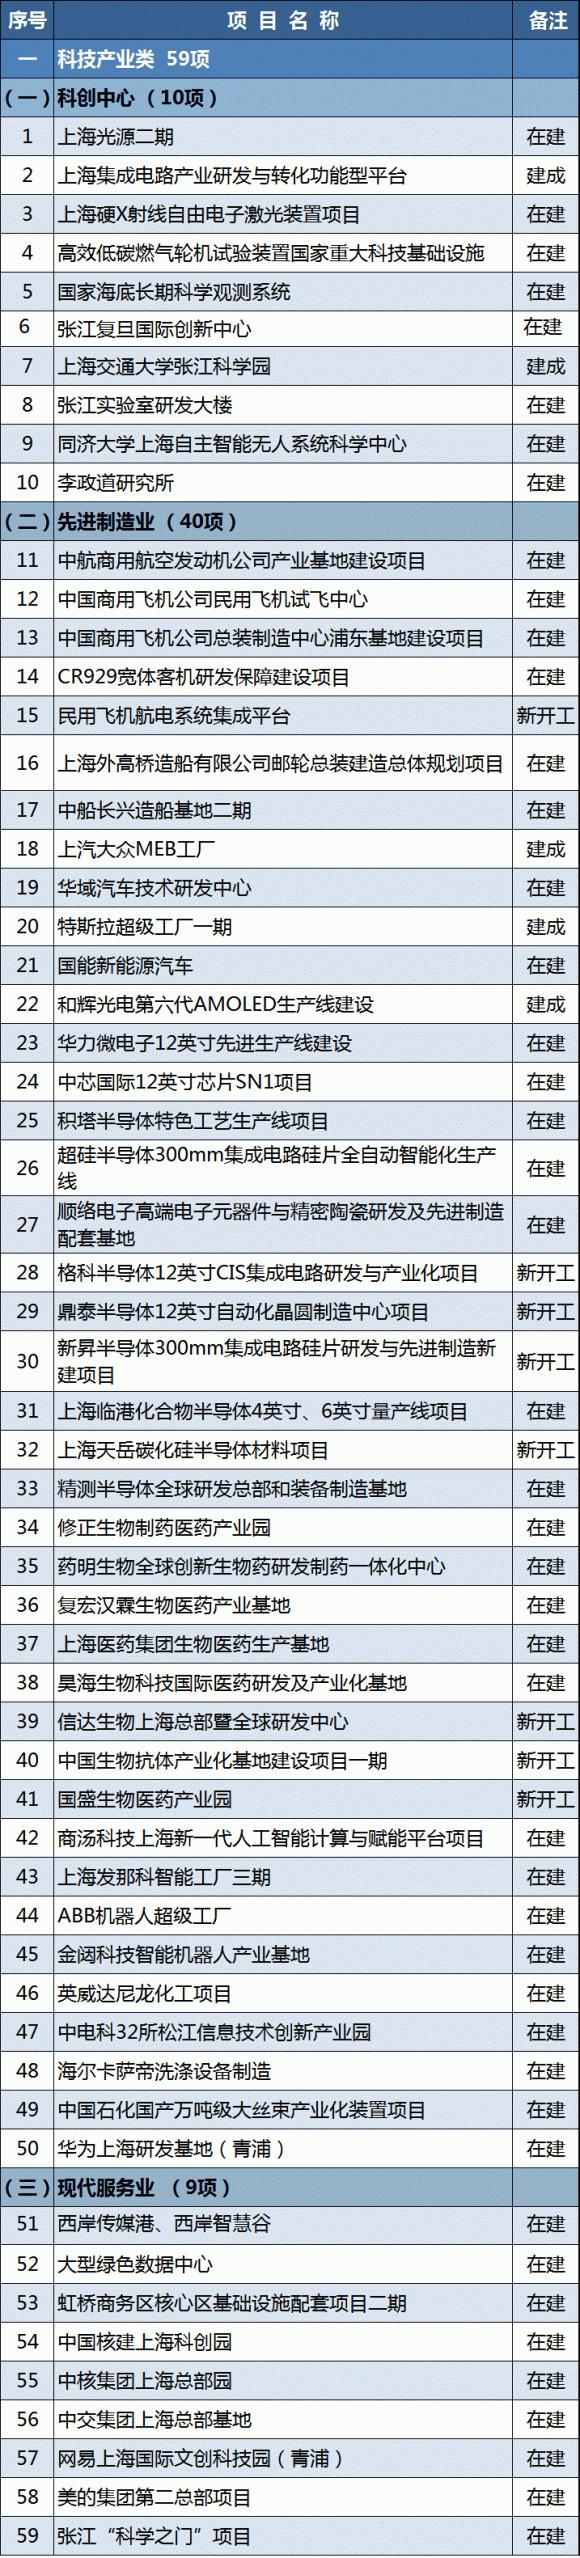 科技产业类59项!2021年上海市重大建设项目清单公布 含特斯拉超级工厂一期